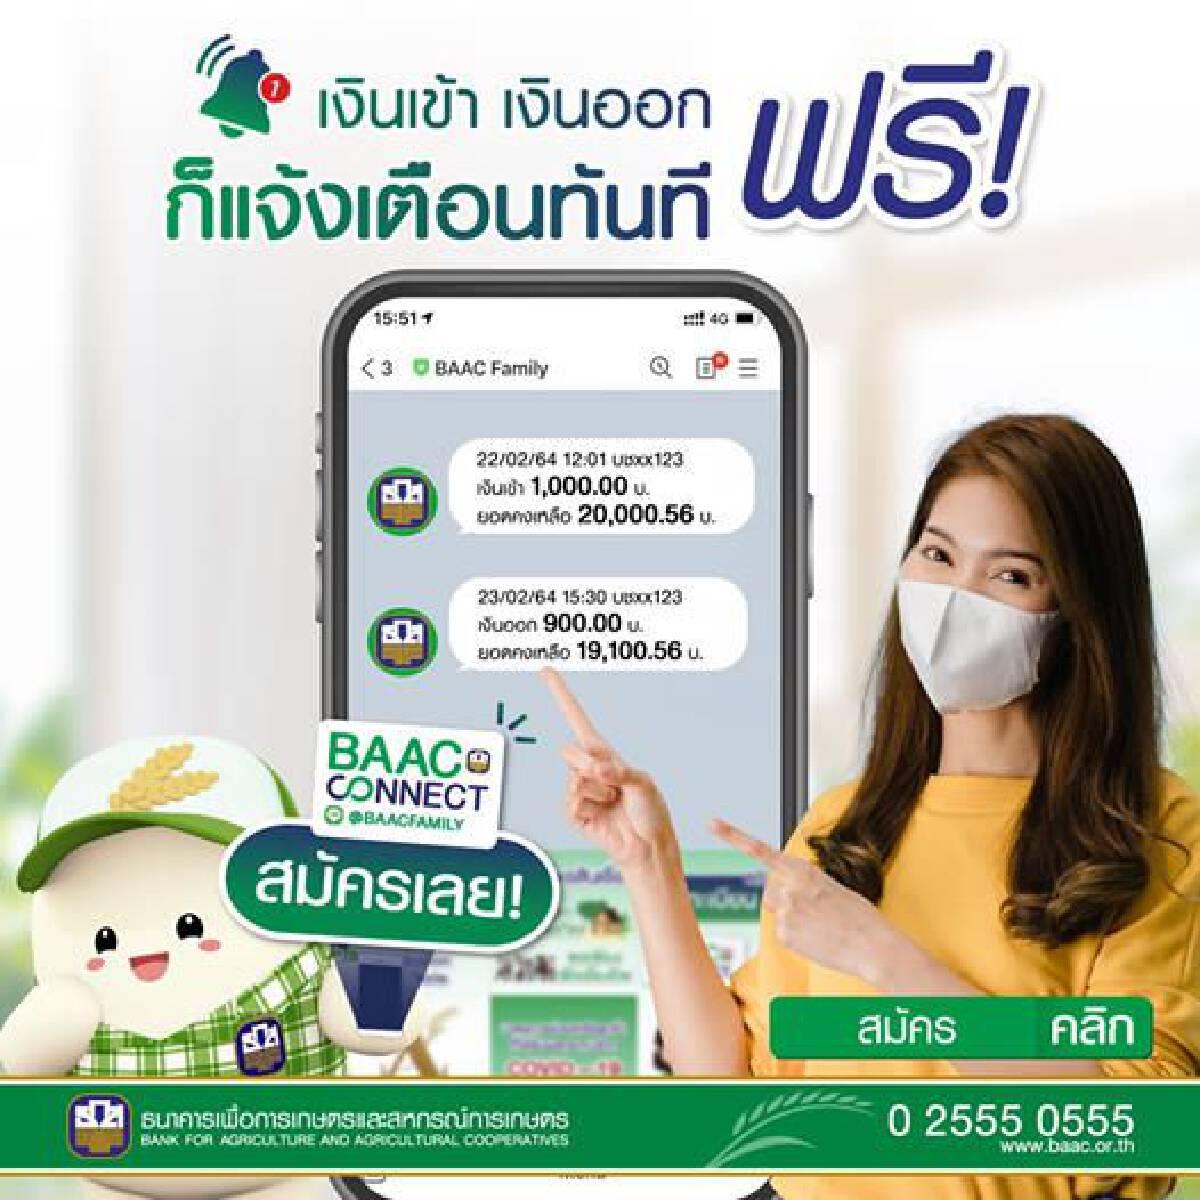 สมัครใช้บริการ BAAC Connect